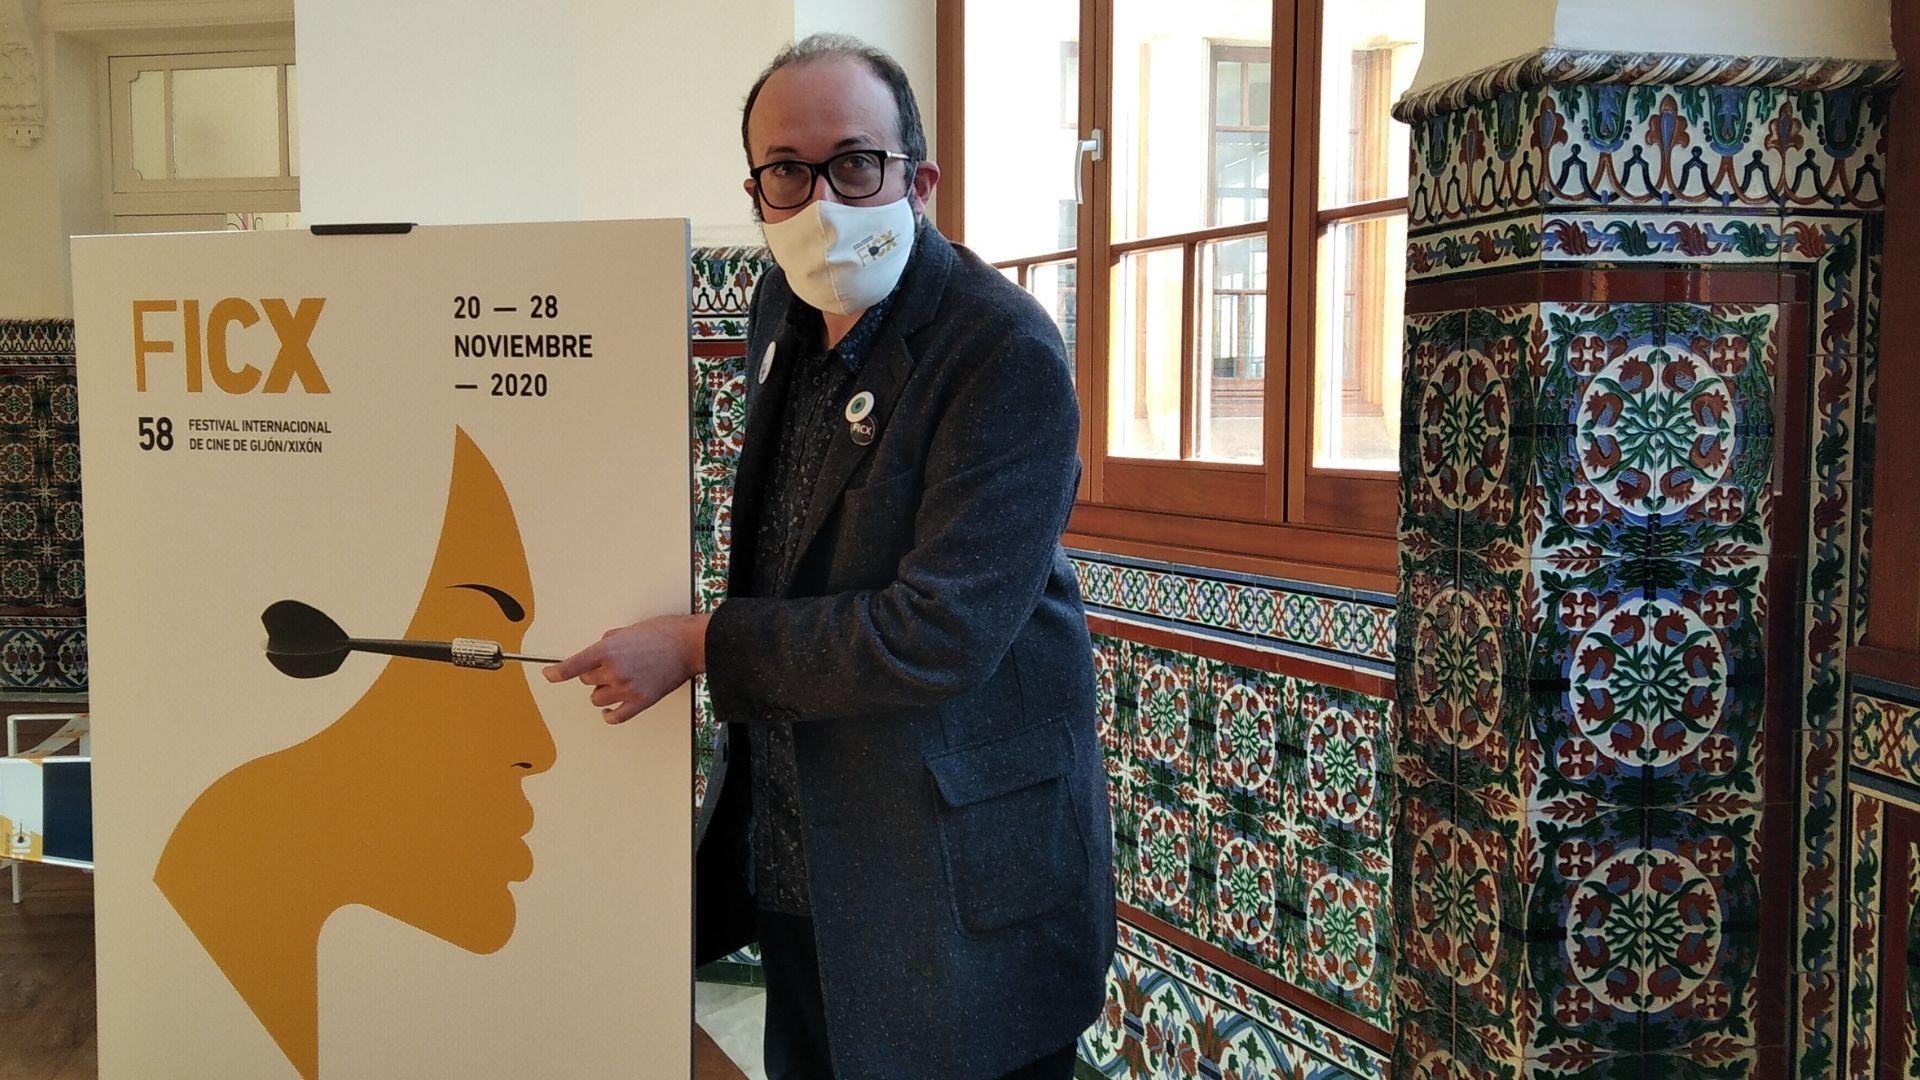 Alberto Ramos, autor de «Eighteen», en una imagen reciente.Alejandro Díaz Castaño, director del FICX, con el cartel de la 58 edición, que será online